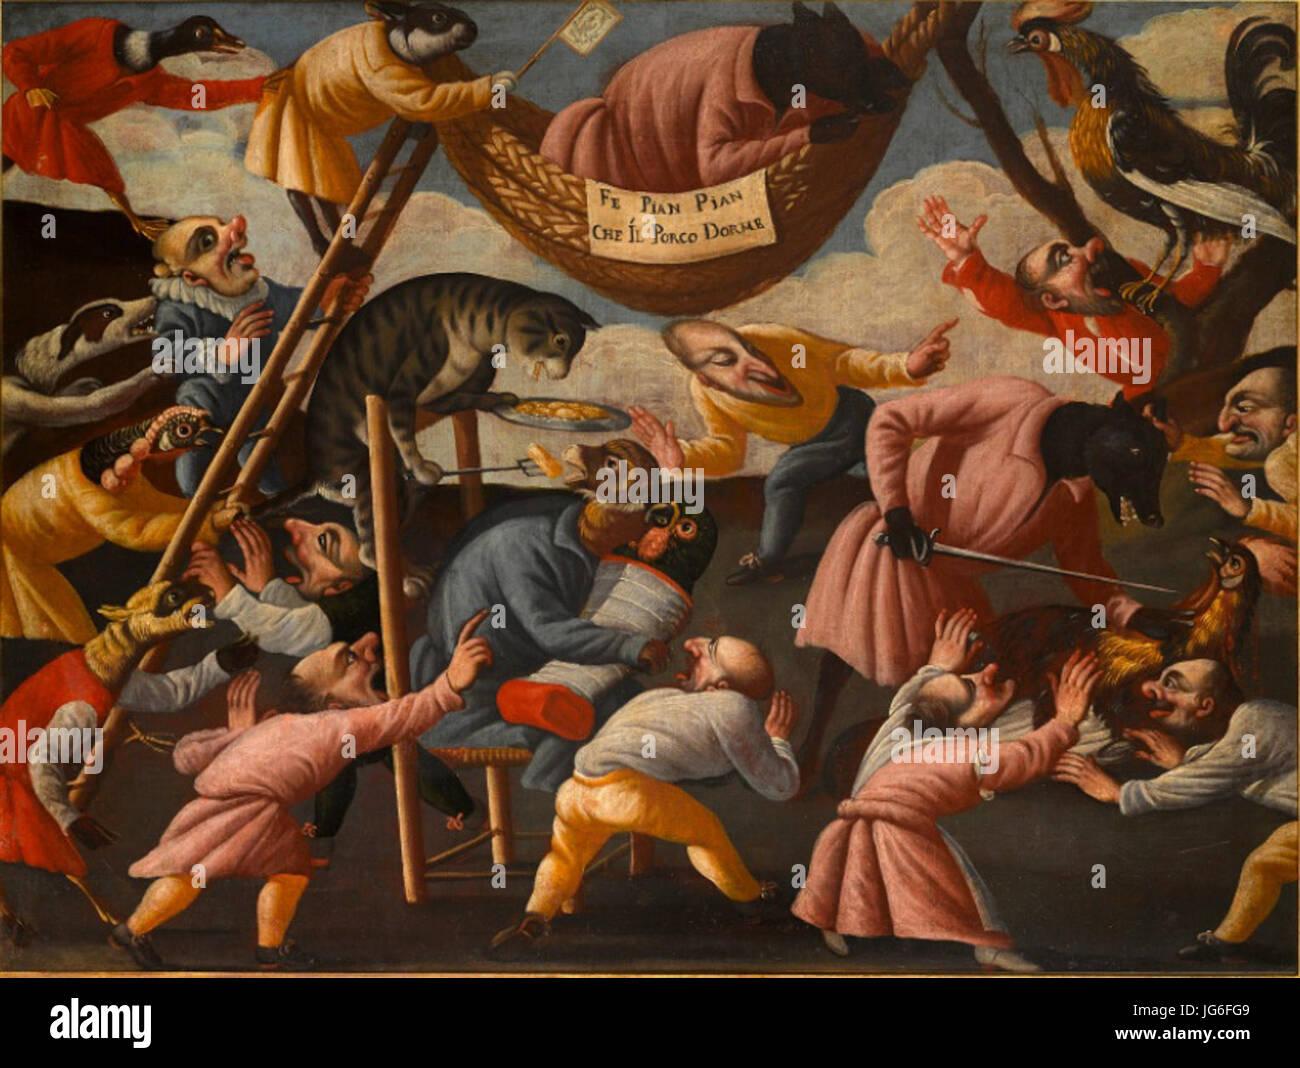 Maestro della Fertilità dell'Uovo - Grotesque Scene with Animals and Stylised Figures No. 3 - Stock Image